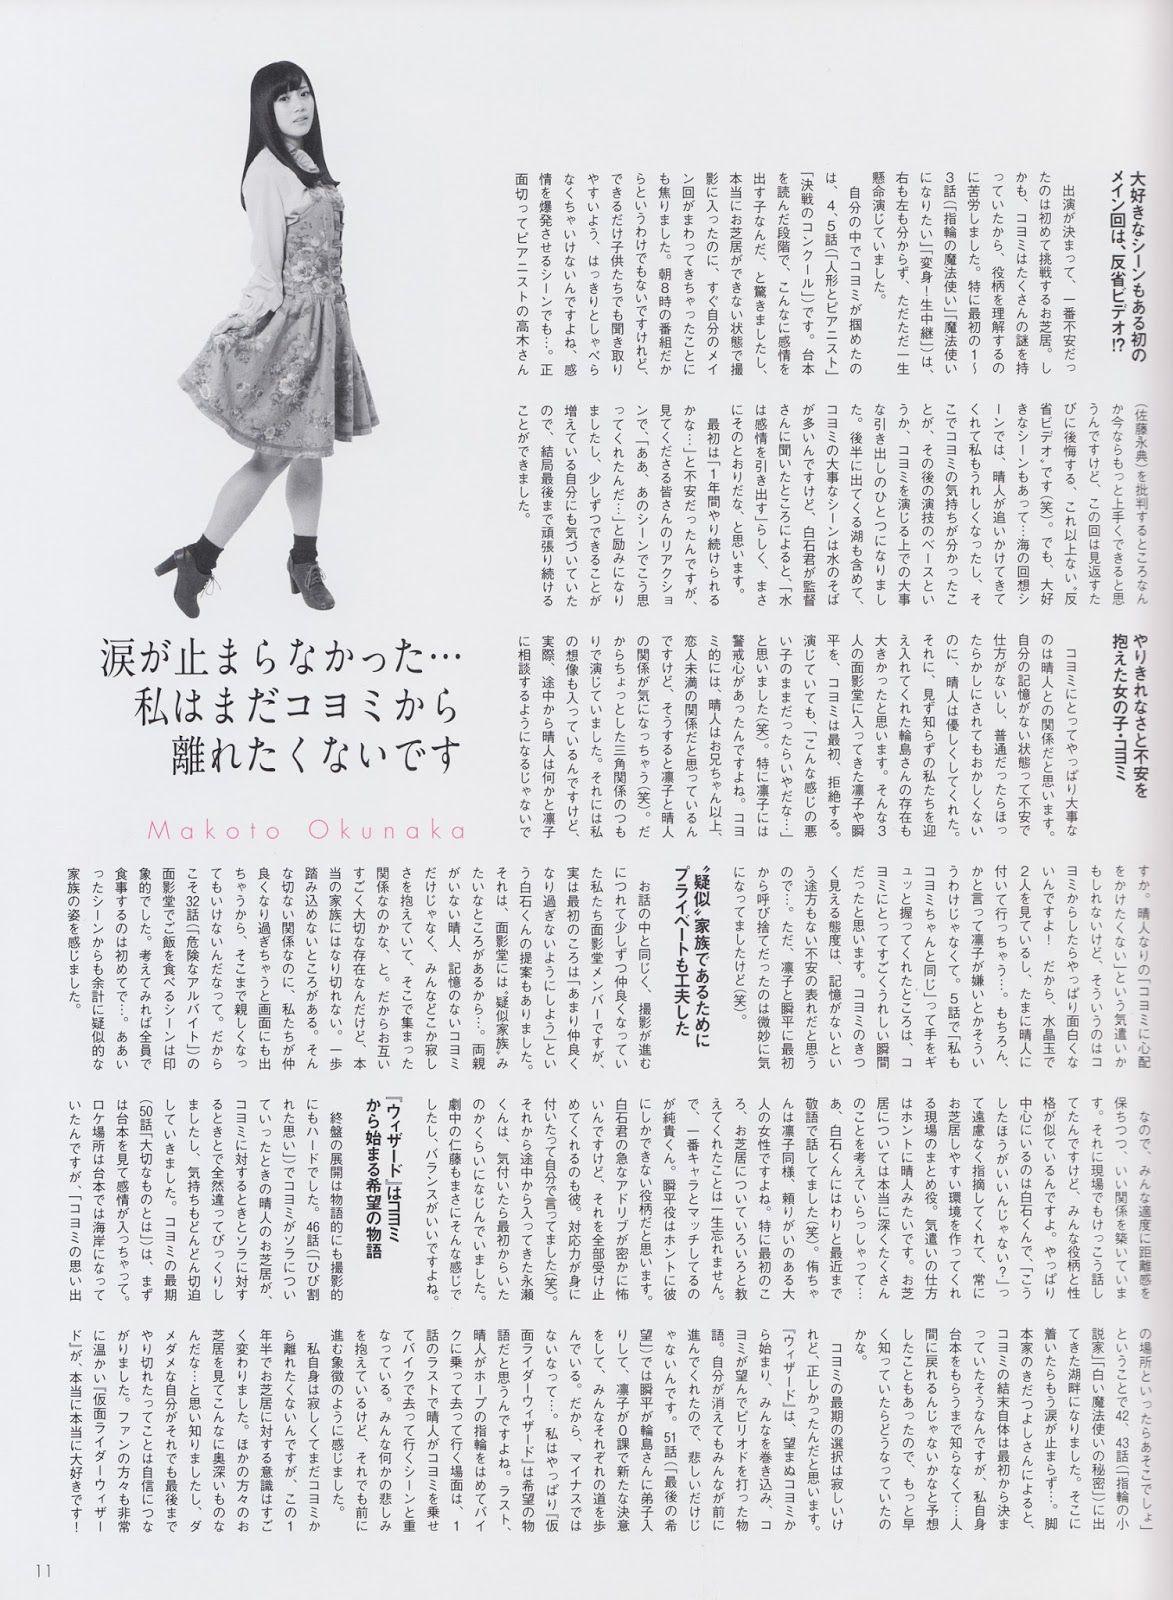 日曜日楽園: 仮面ライダーウィザード フォトアルバム LIFE is Show Time!